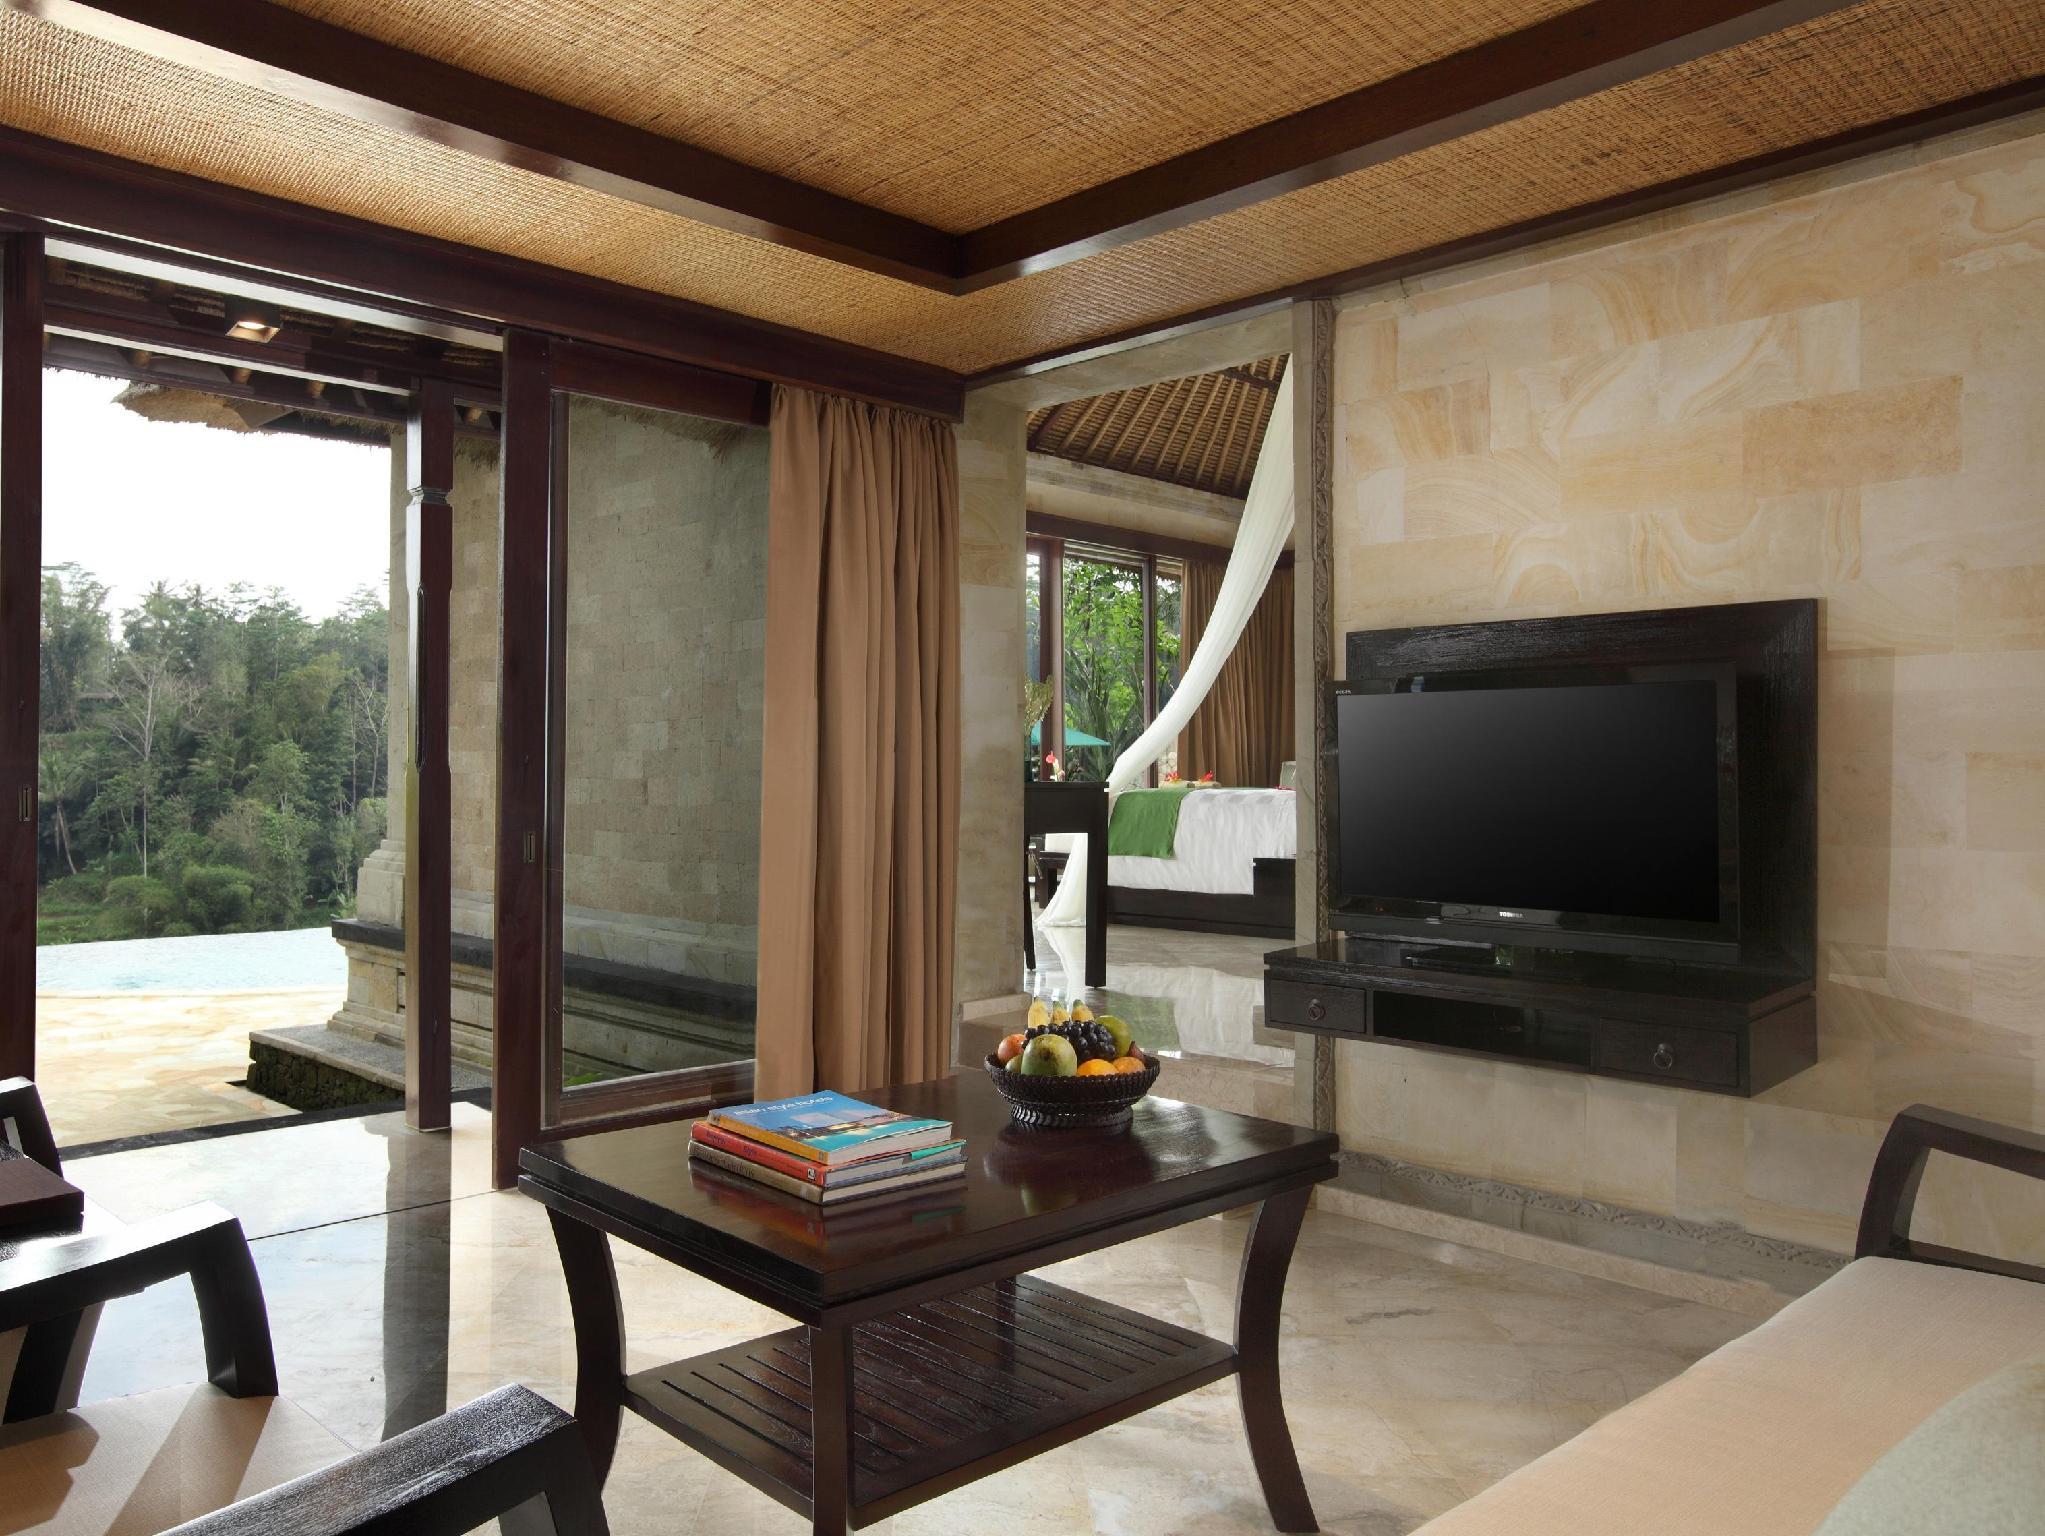 巴厘岛皇家彼特曼哈酒店 (royal pita maha hotel)